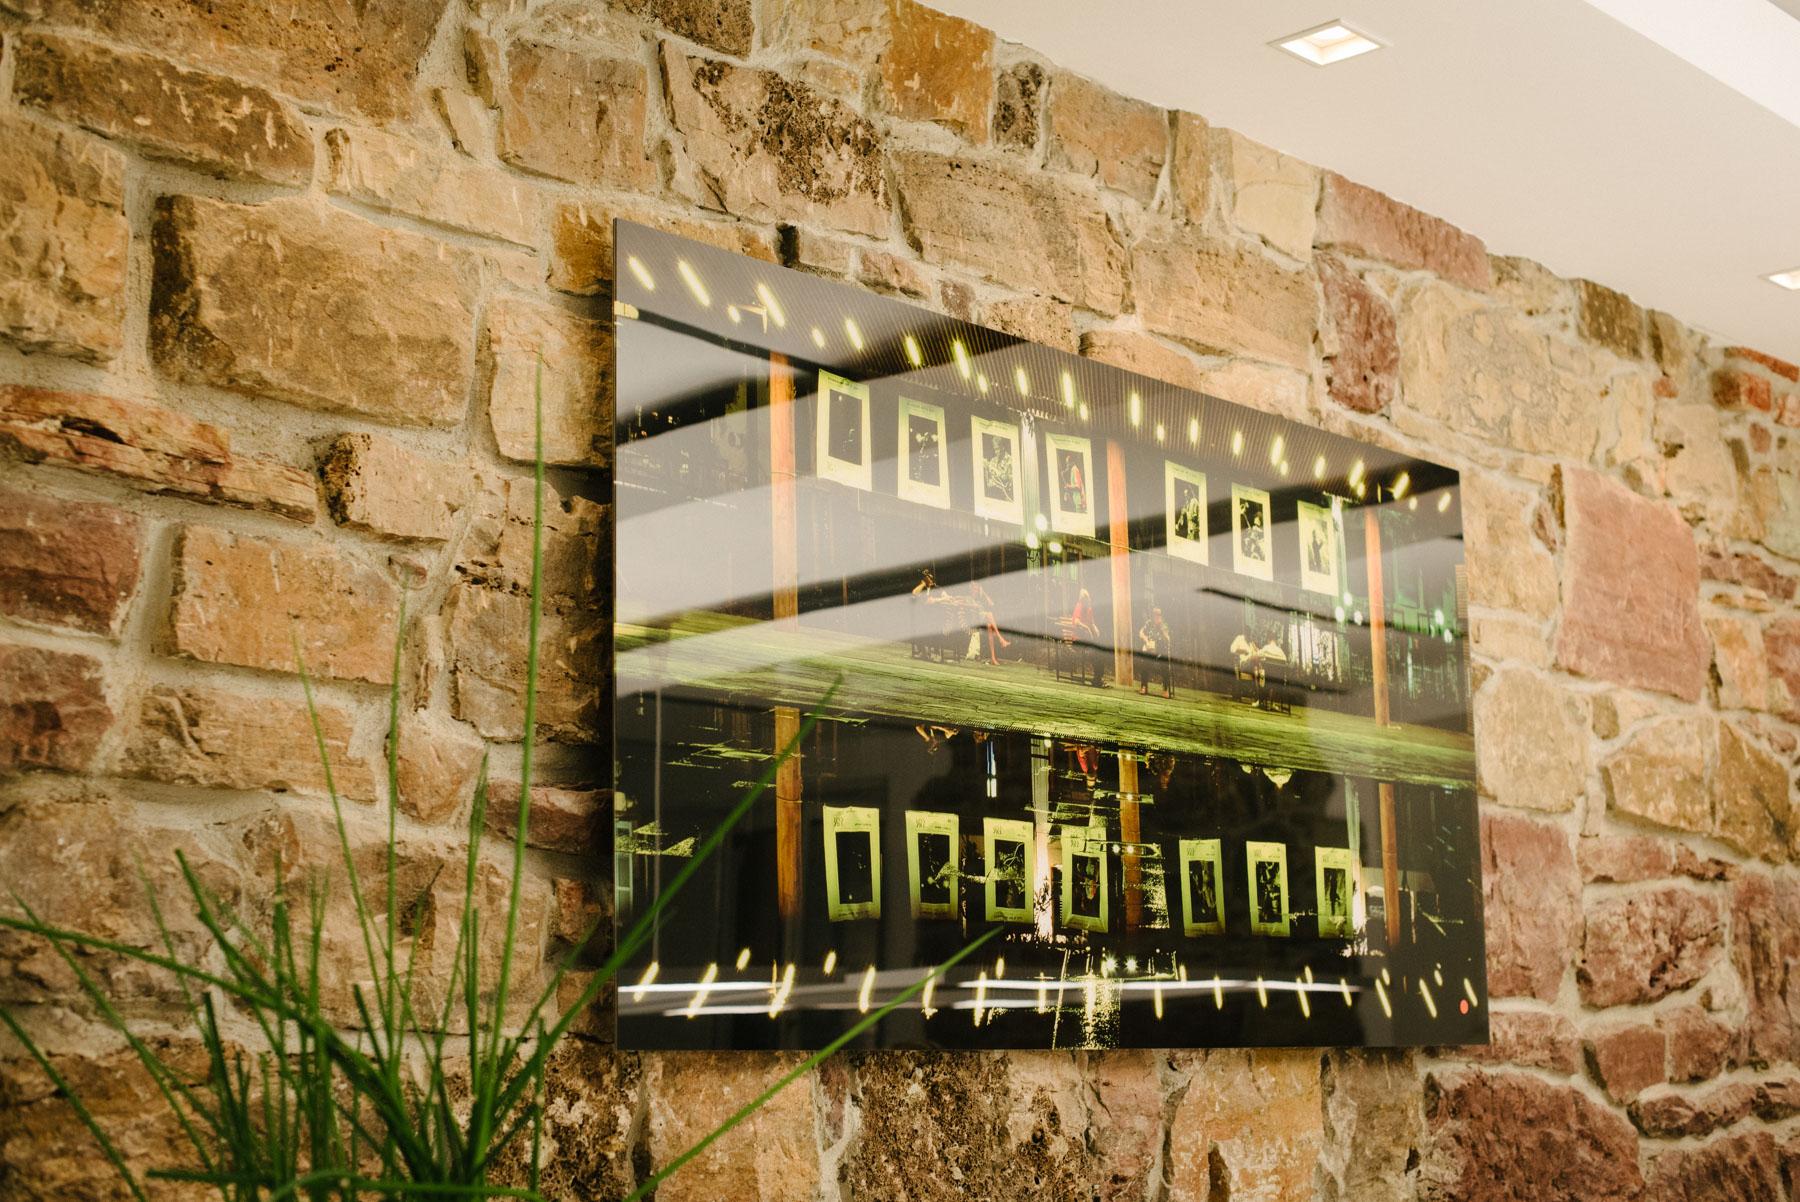 """Galleryprint """"Coulée Verte"""" an der Wand."""